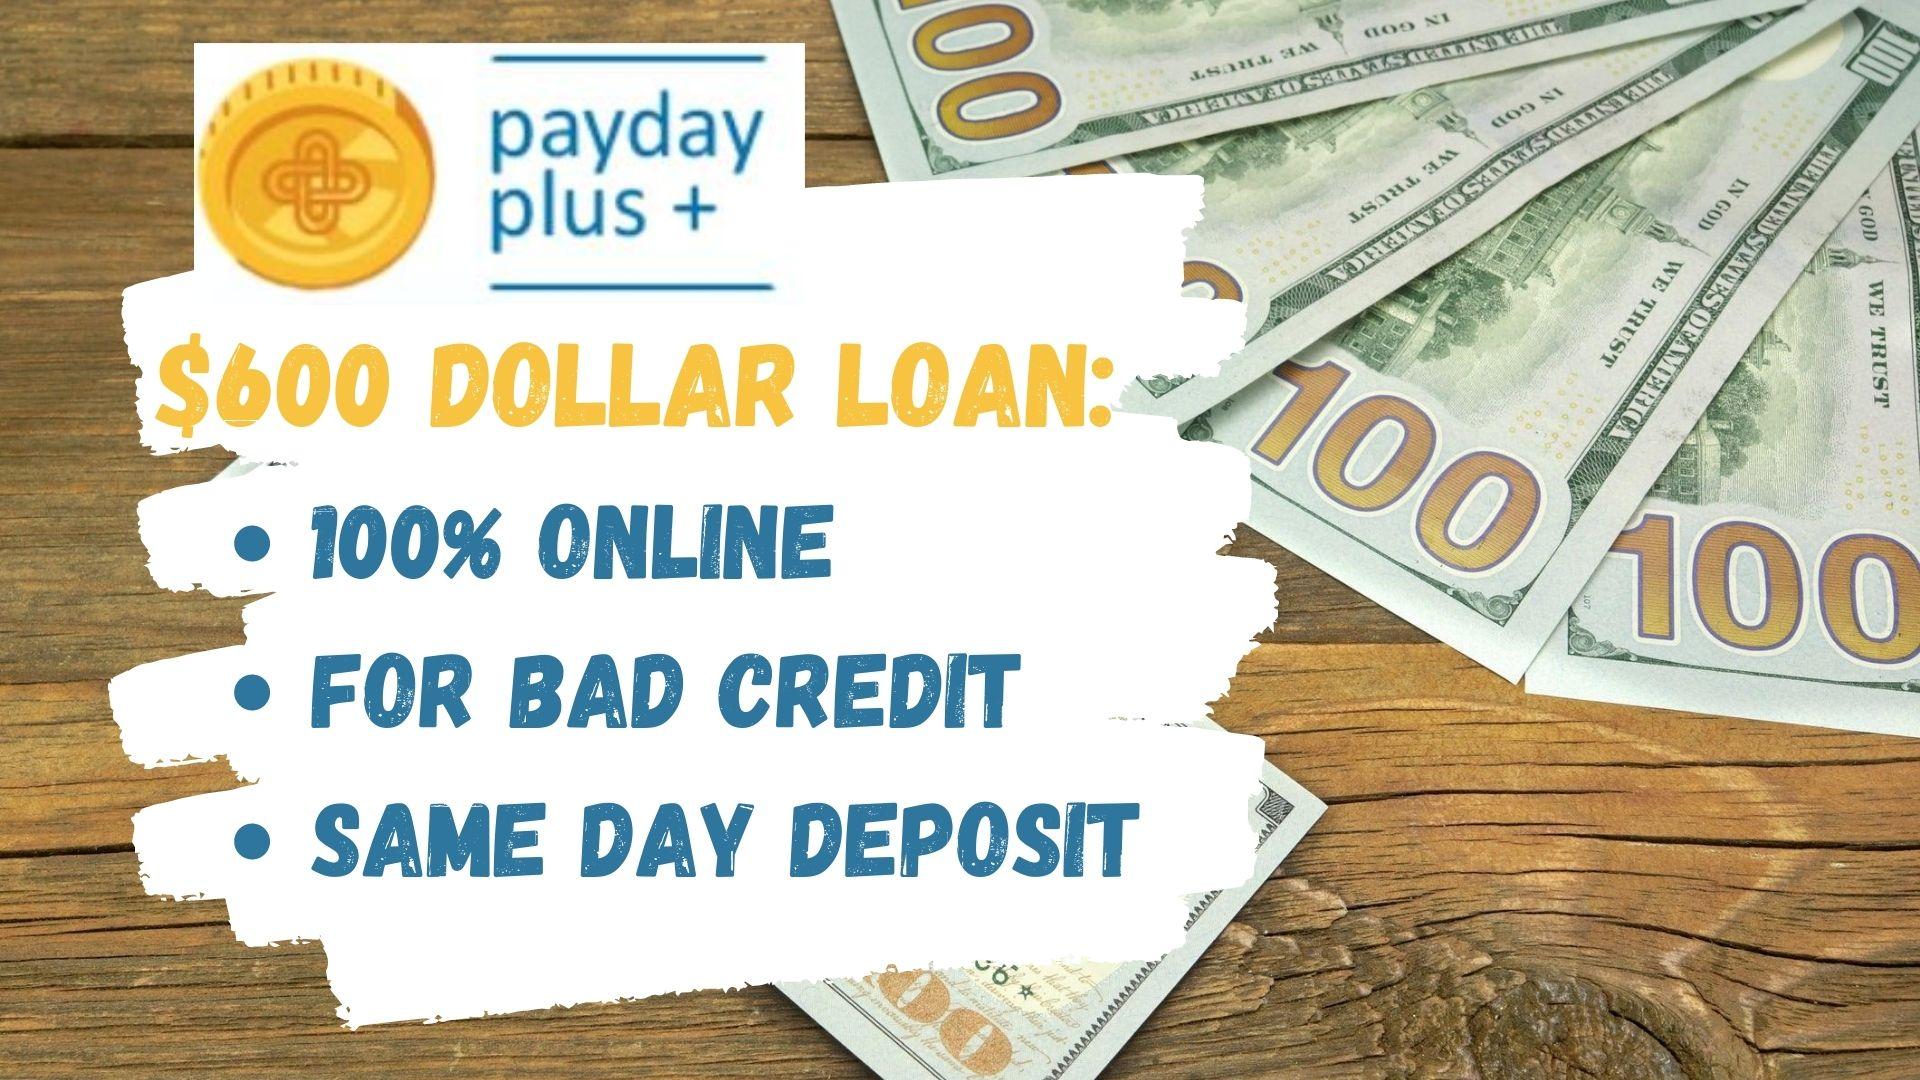 600 Dollar Loan Same Day